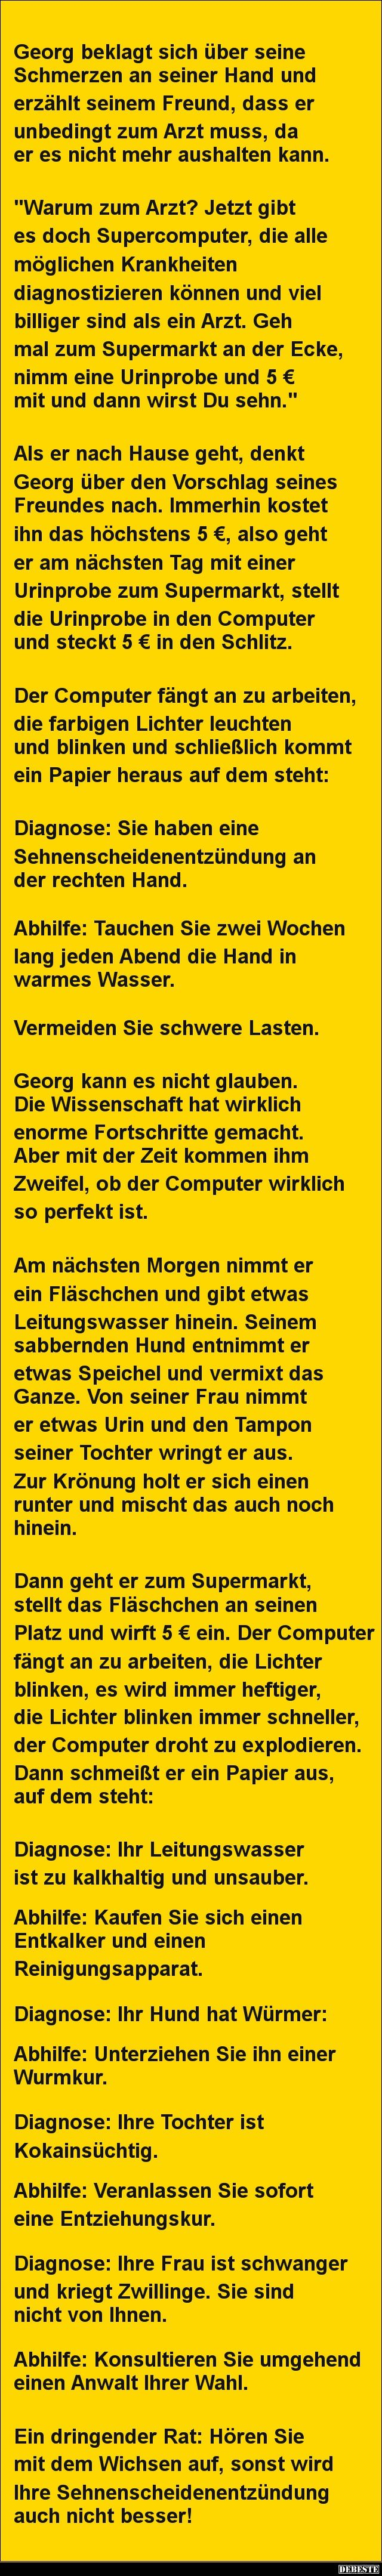 Georg beklagt sich über seine Schmerzen an seiner Hand | DEBESTE.de, Lustige Bilder, Sprüche, Witze und Videos